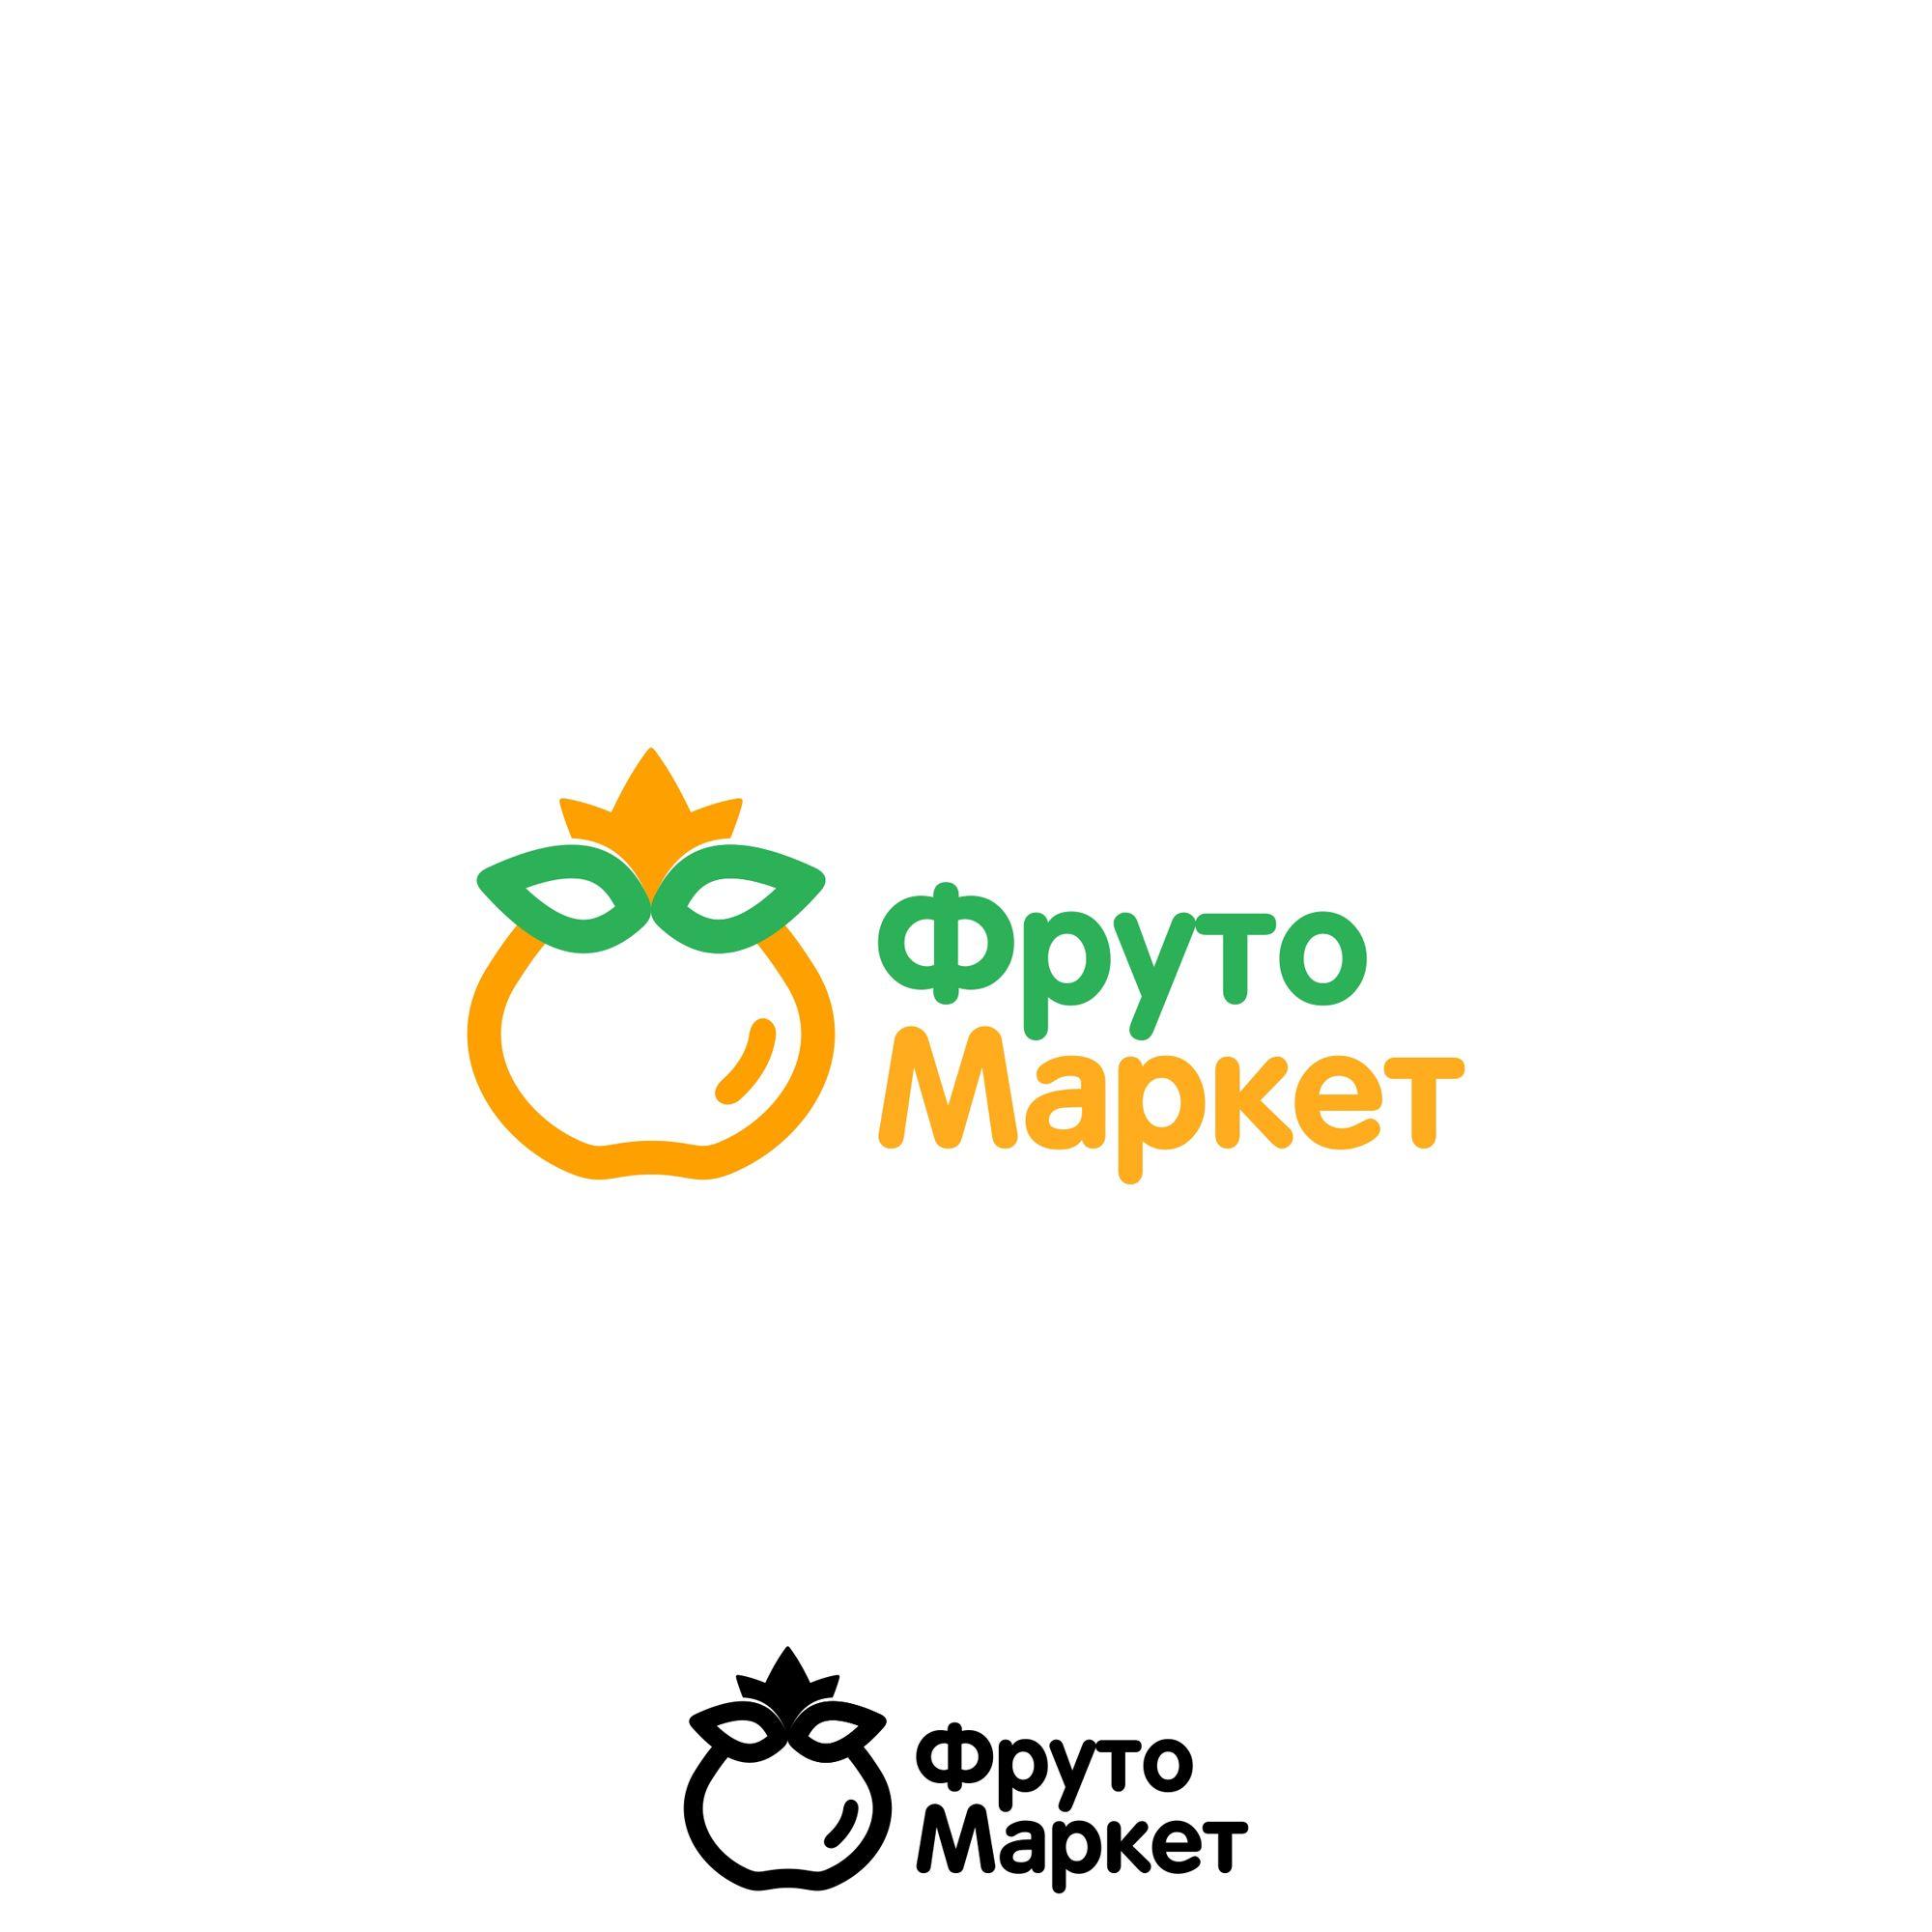 Логотип-вывеска фруктово-овощных магазинов премиум - дизайнер titovichbit